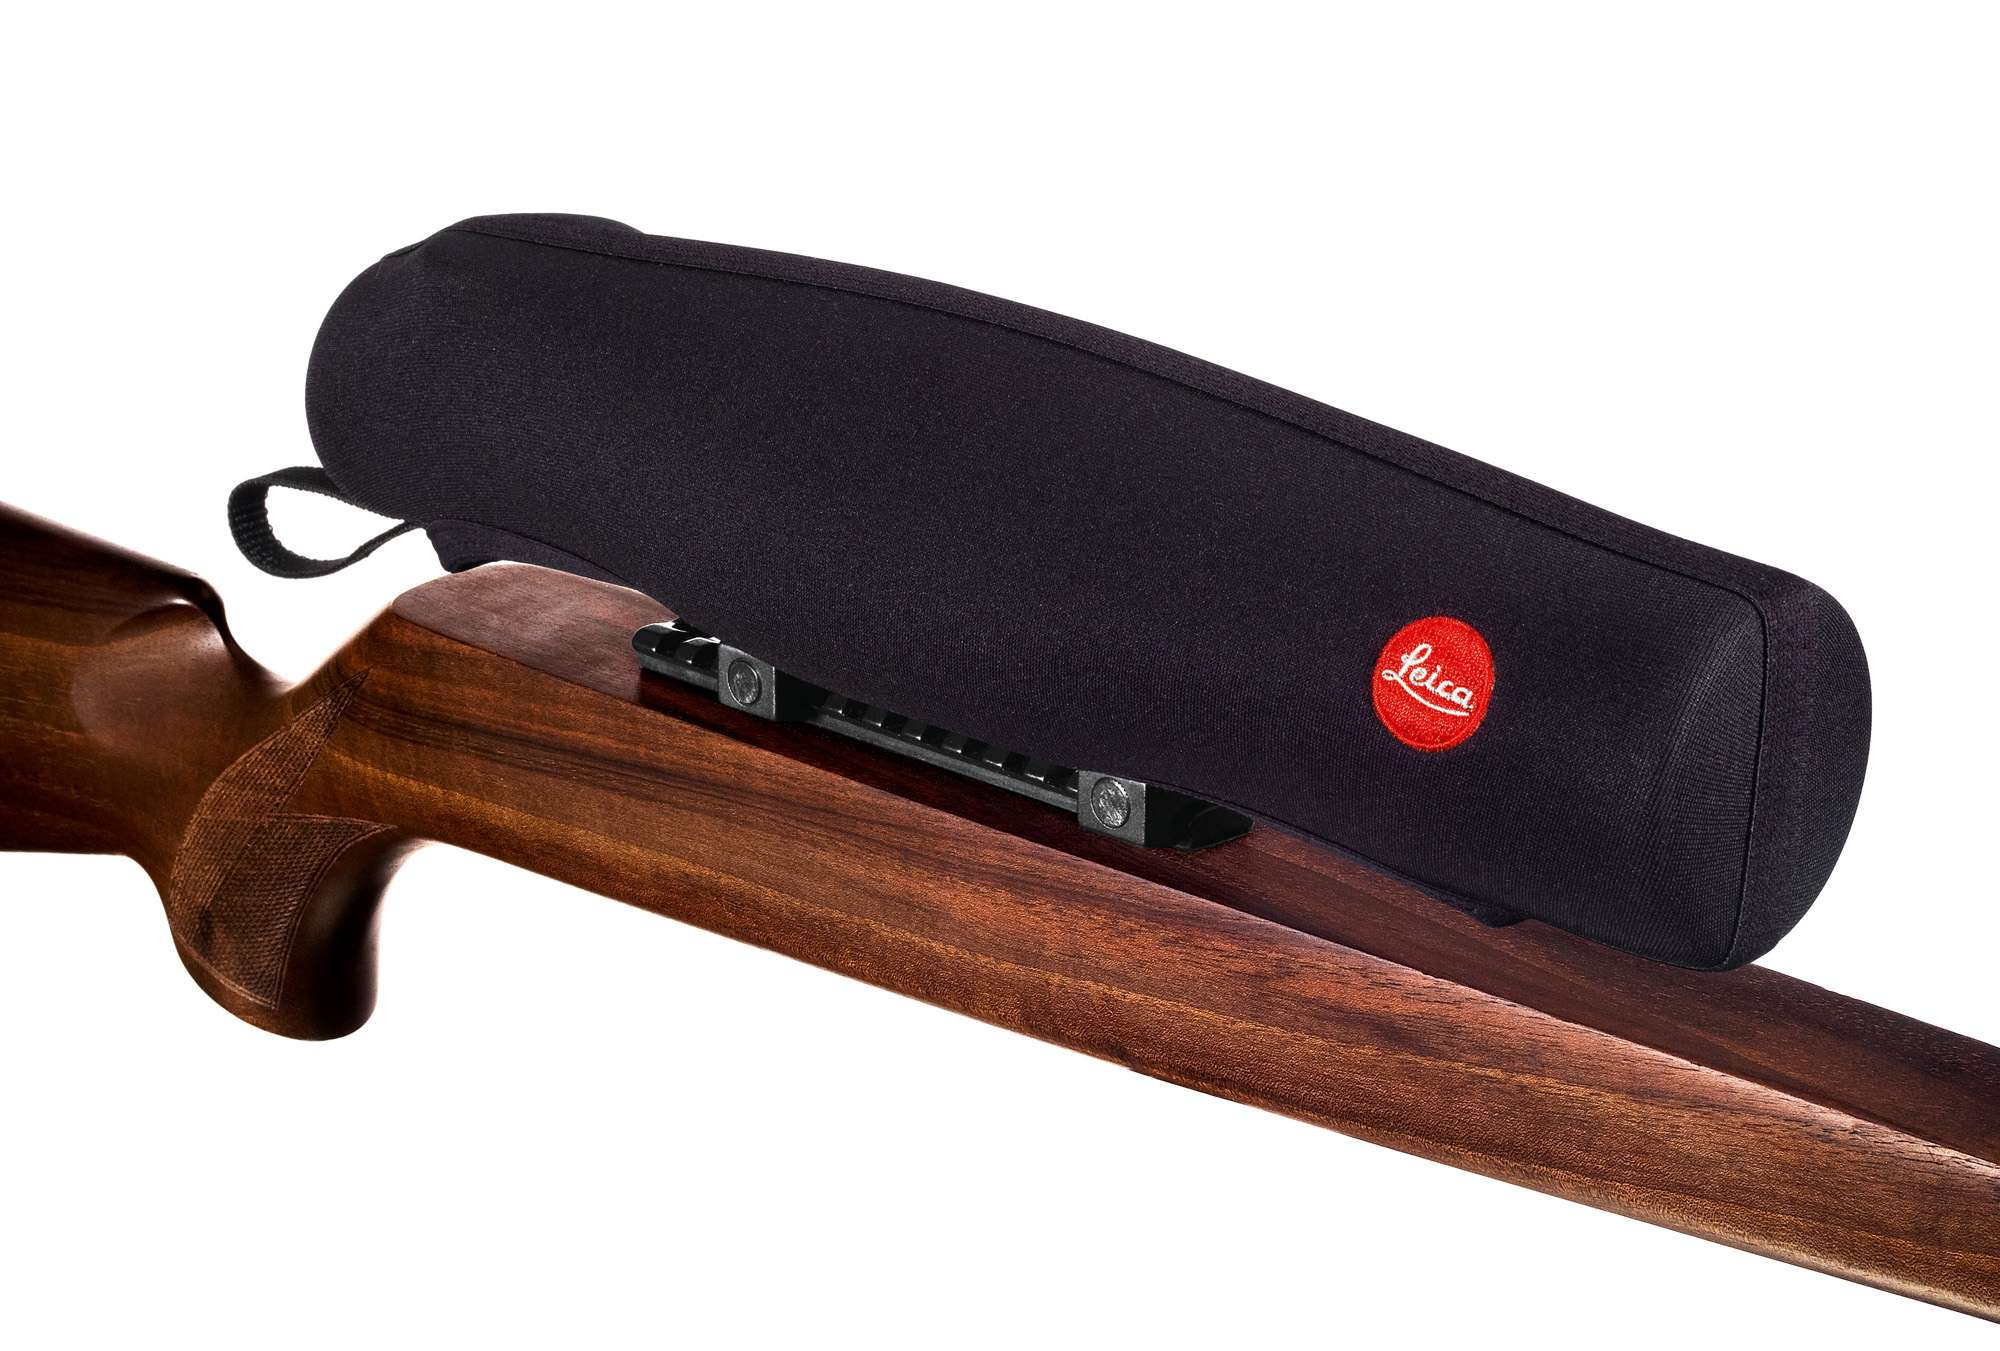 Leica Entfernungsmesser Rangemaster Neopren Cover Black : Zielfernrohr cover größe l 50er nachtschwarz kaufen leica camera